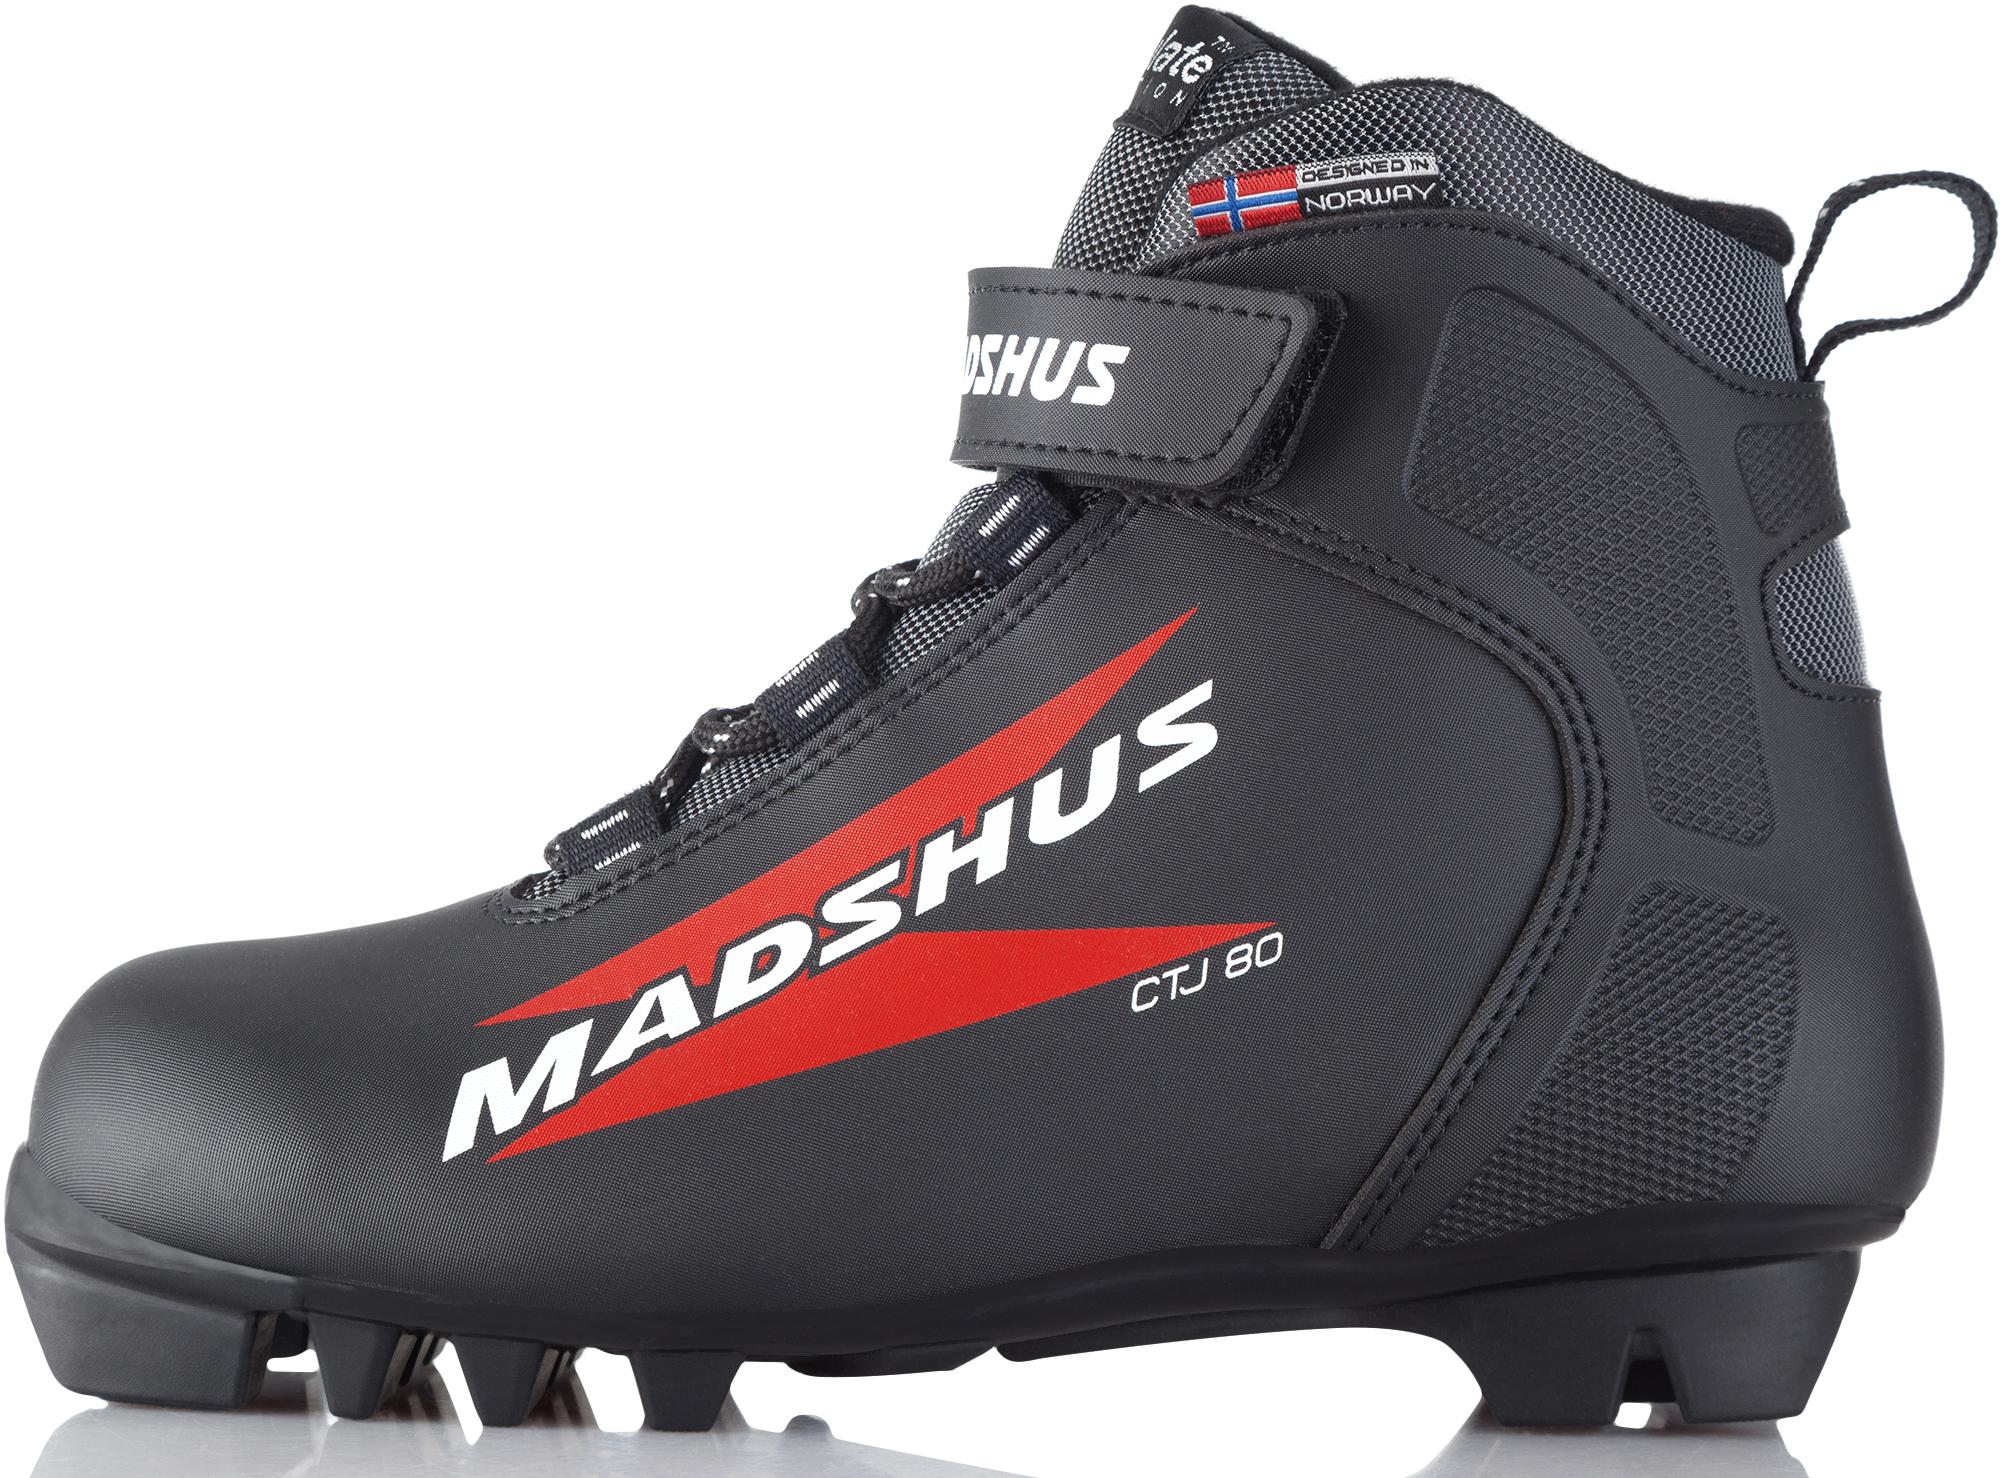 Madshus Ботинки для беговых лыж детские Madshus CT 80 JR